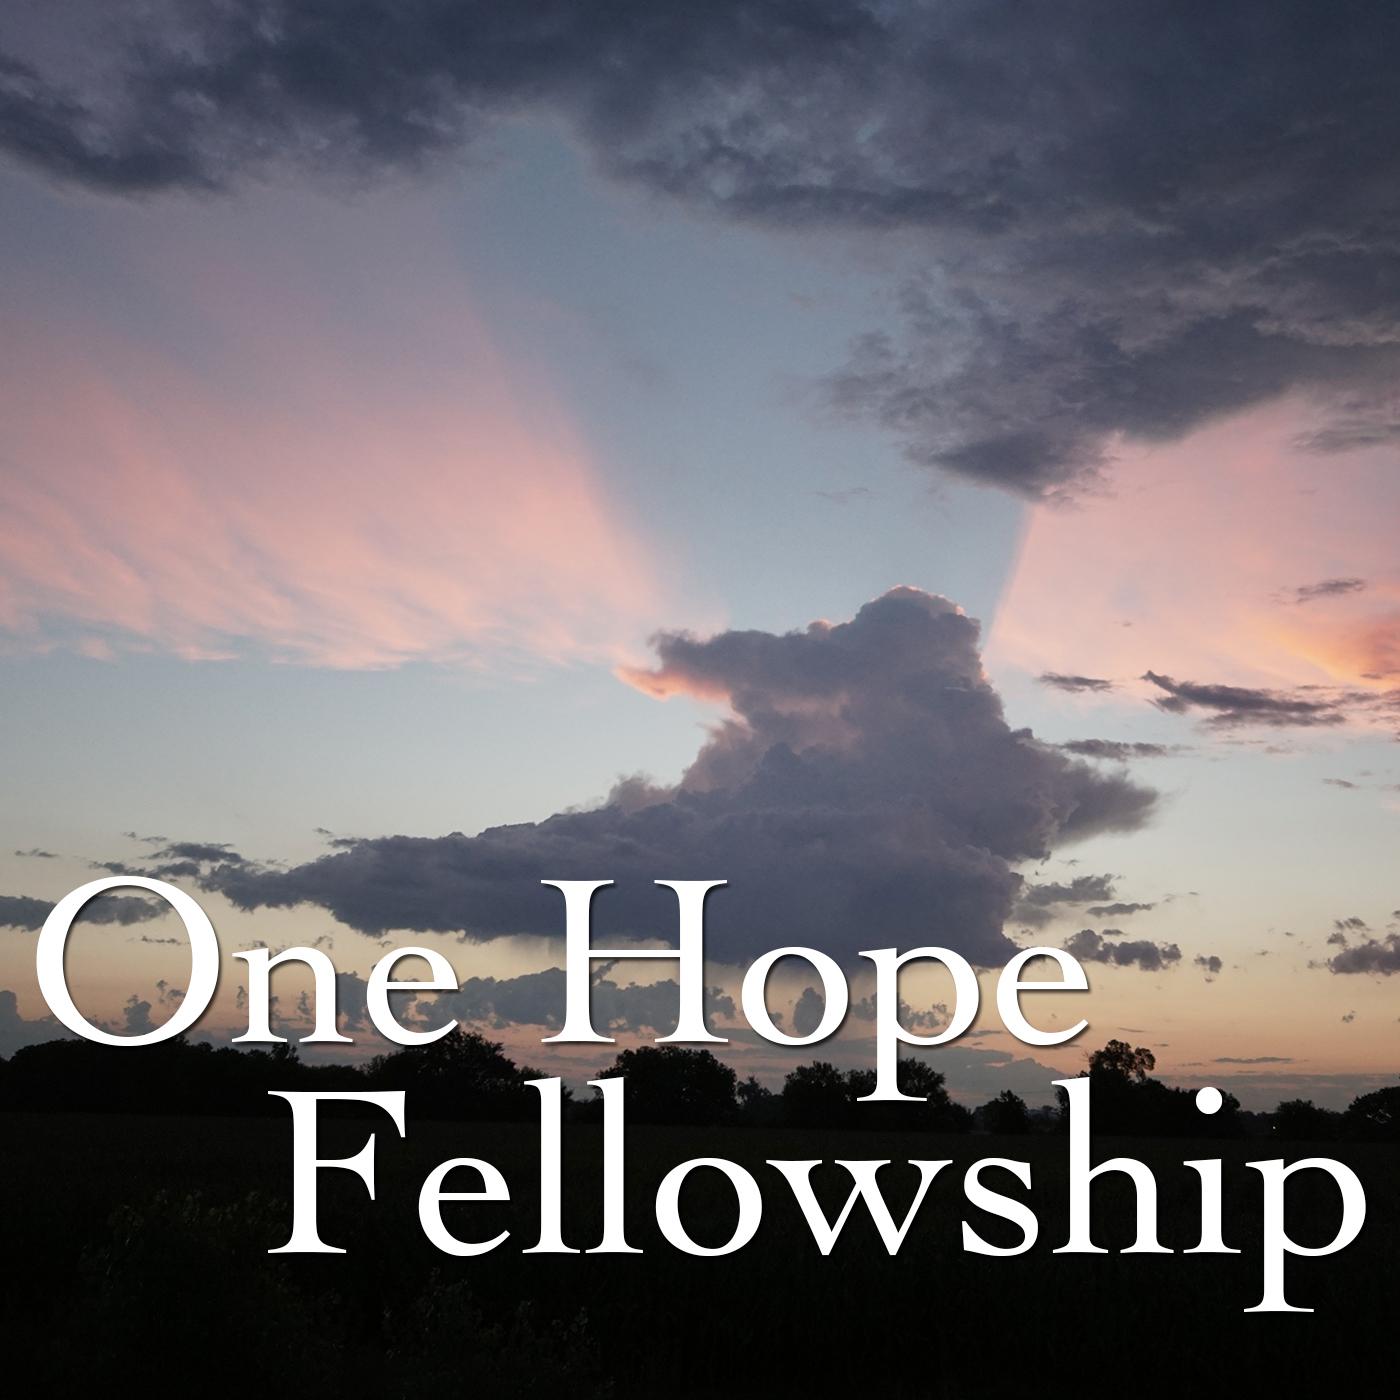 One Hope Fellowship - Sermons - One Hope Fellowship